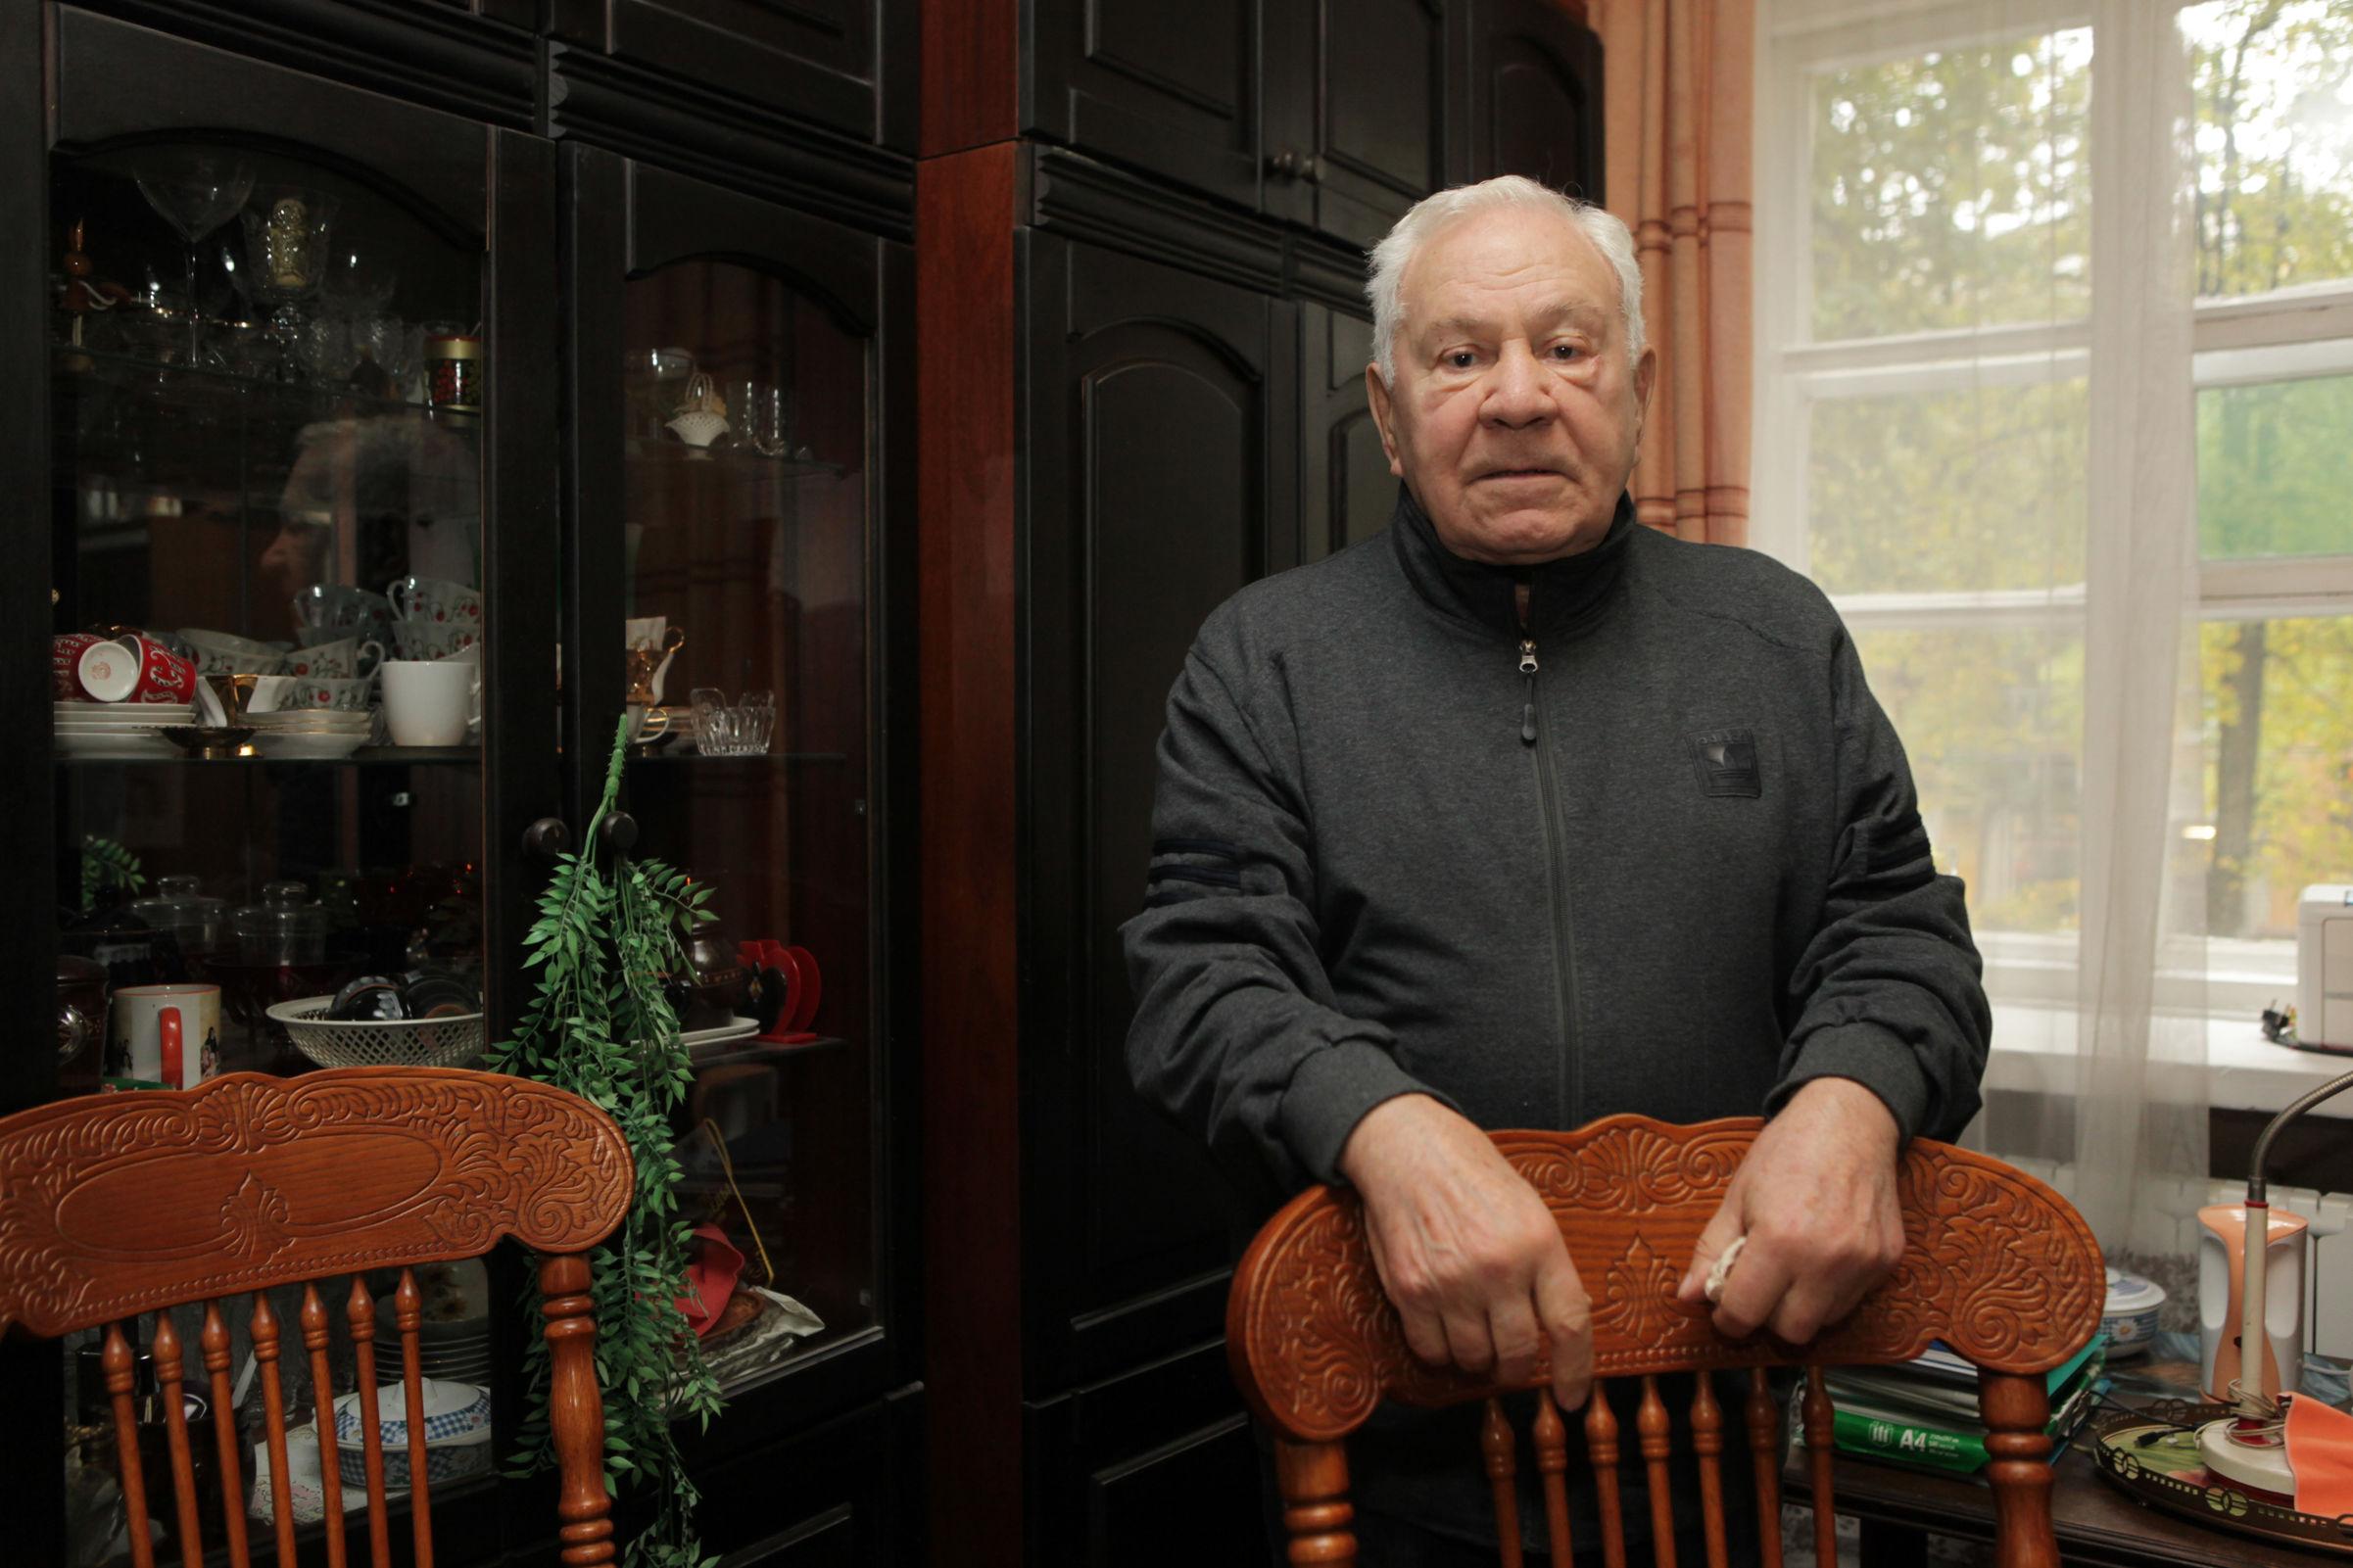 Судьба человека: «Ярославский регион» первым опубликует книгу воспоминаний репрессированного и реабилитированного ветерана